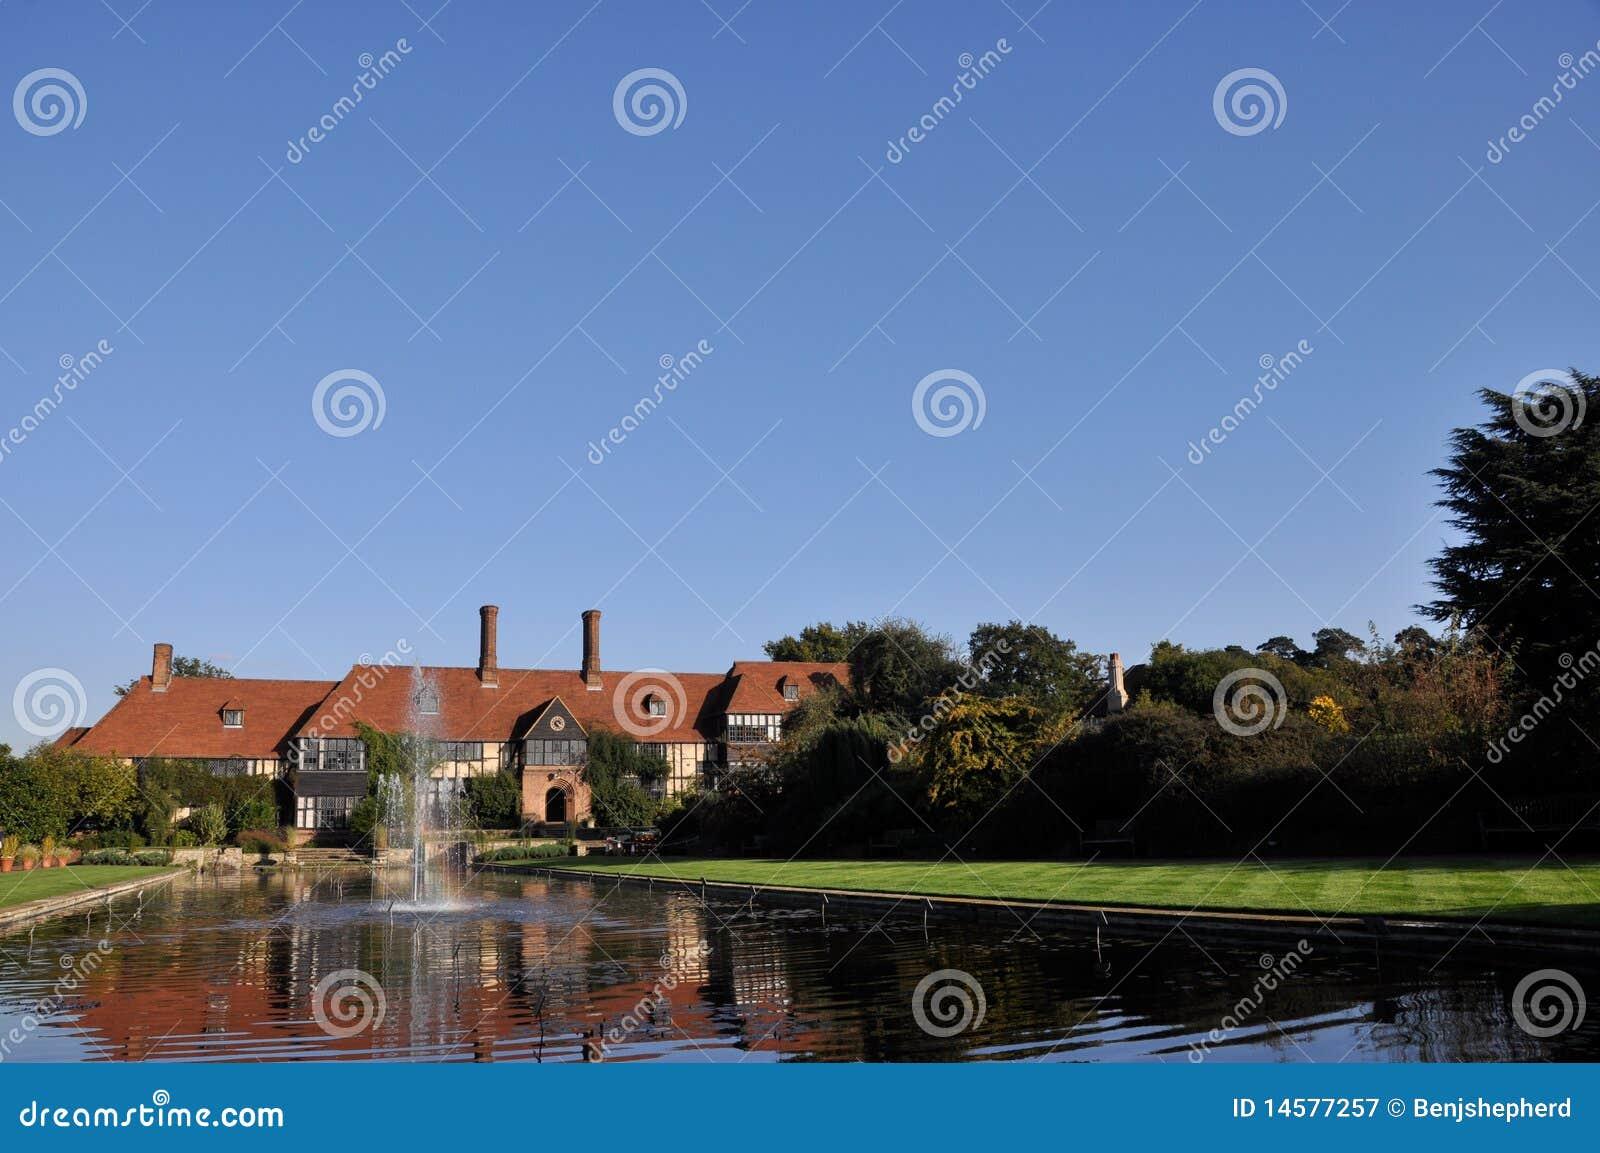 Englisches prächtiges Haus mit Brunnen